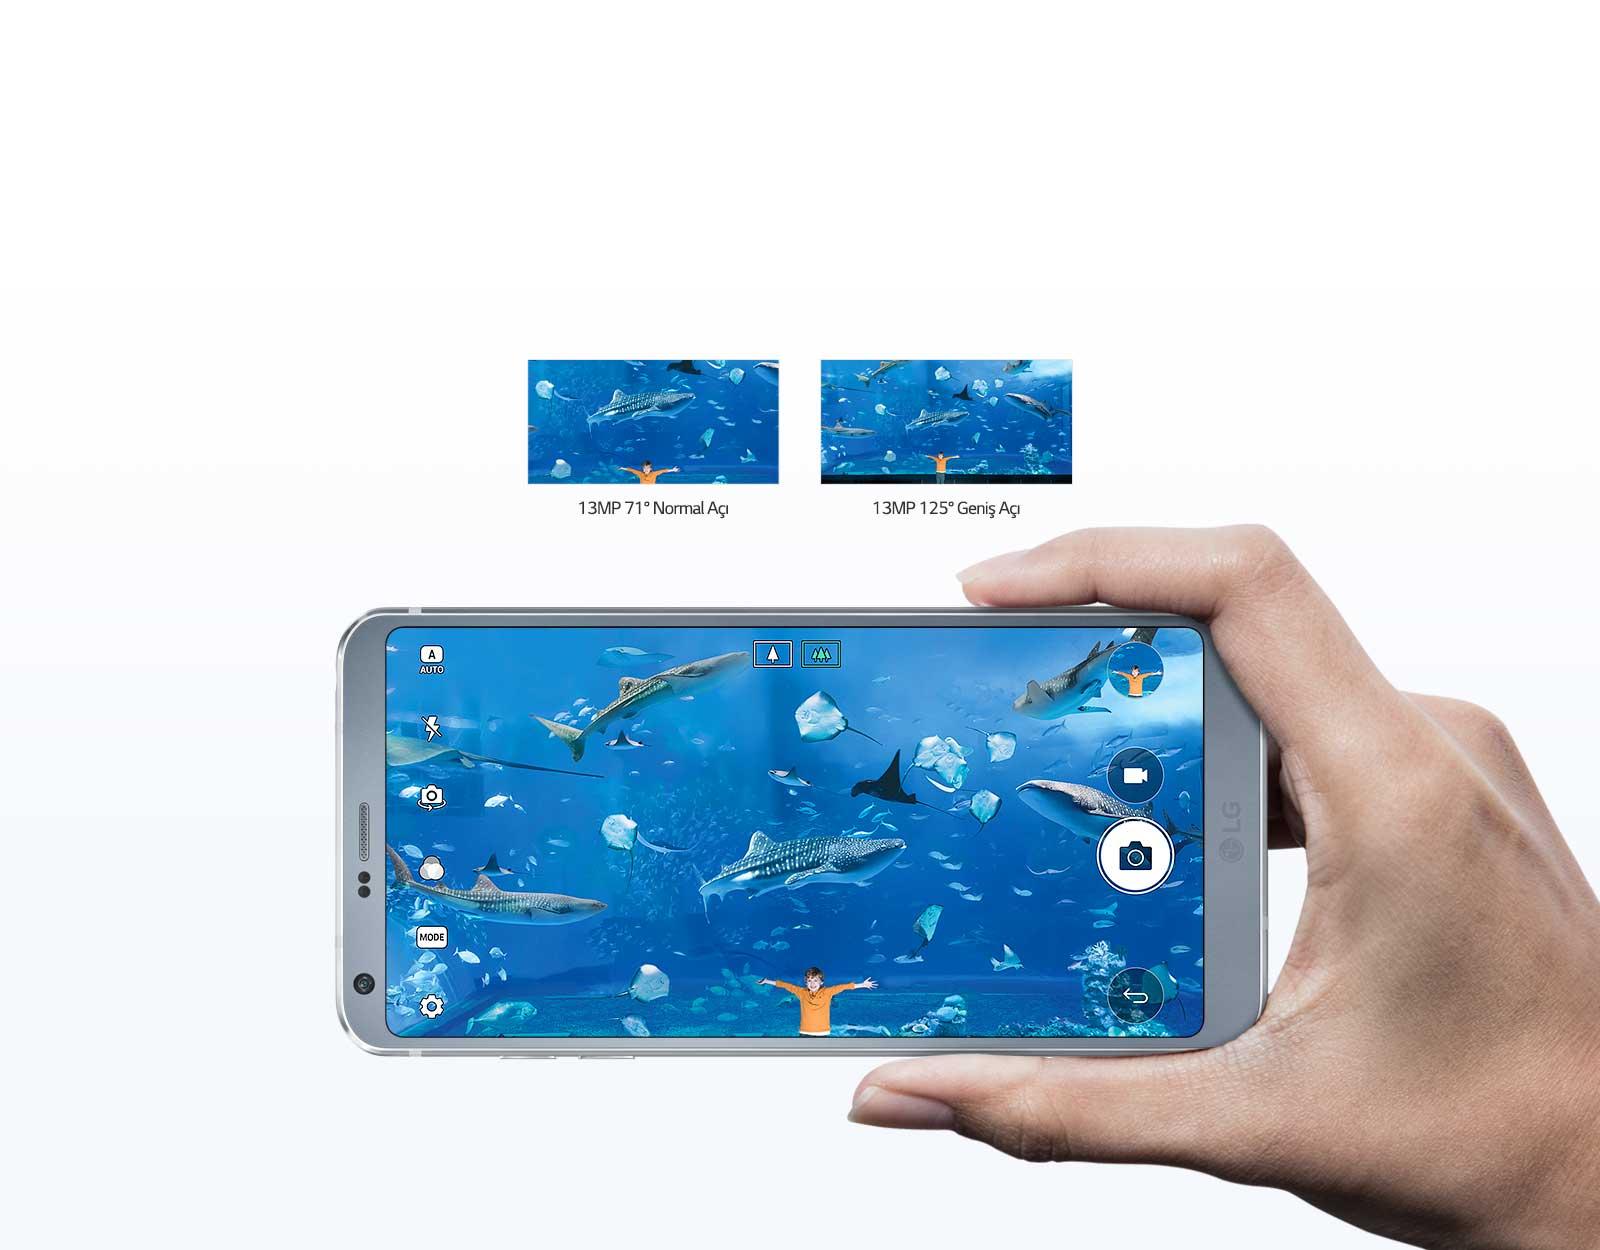 Çift 13MP Arka Kamera LG G6